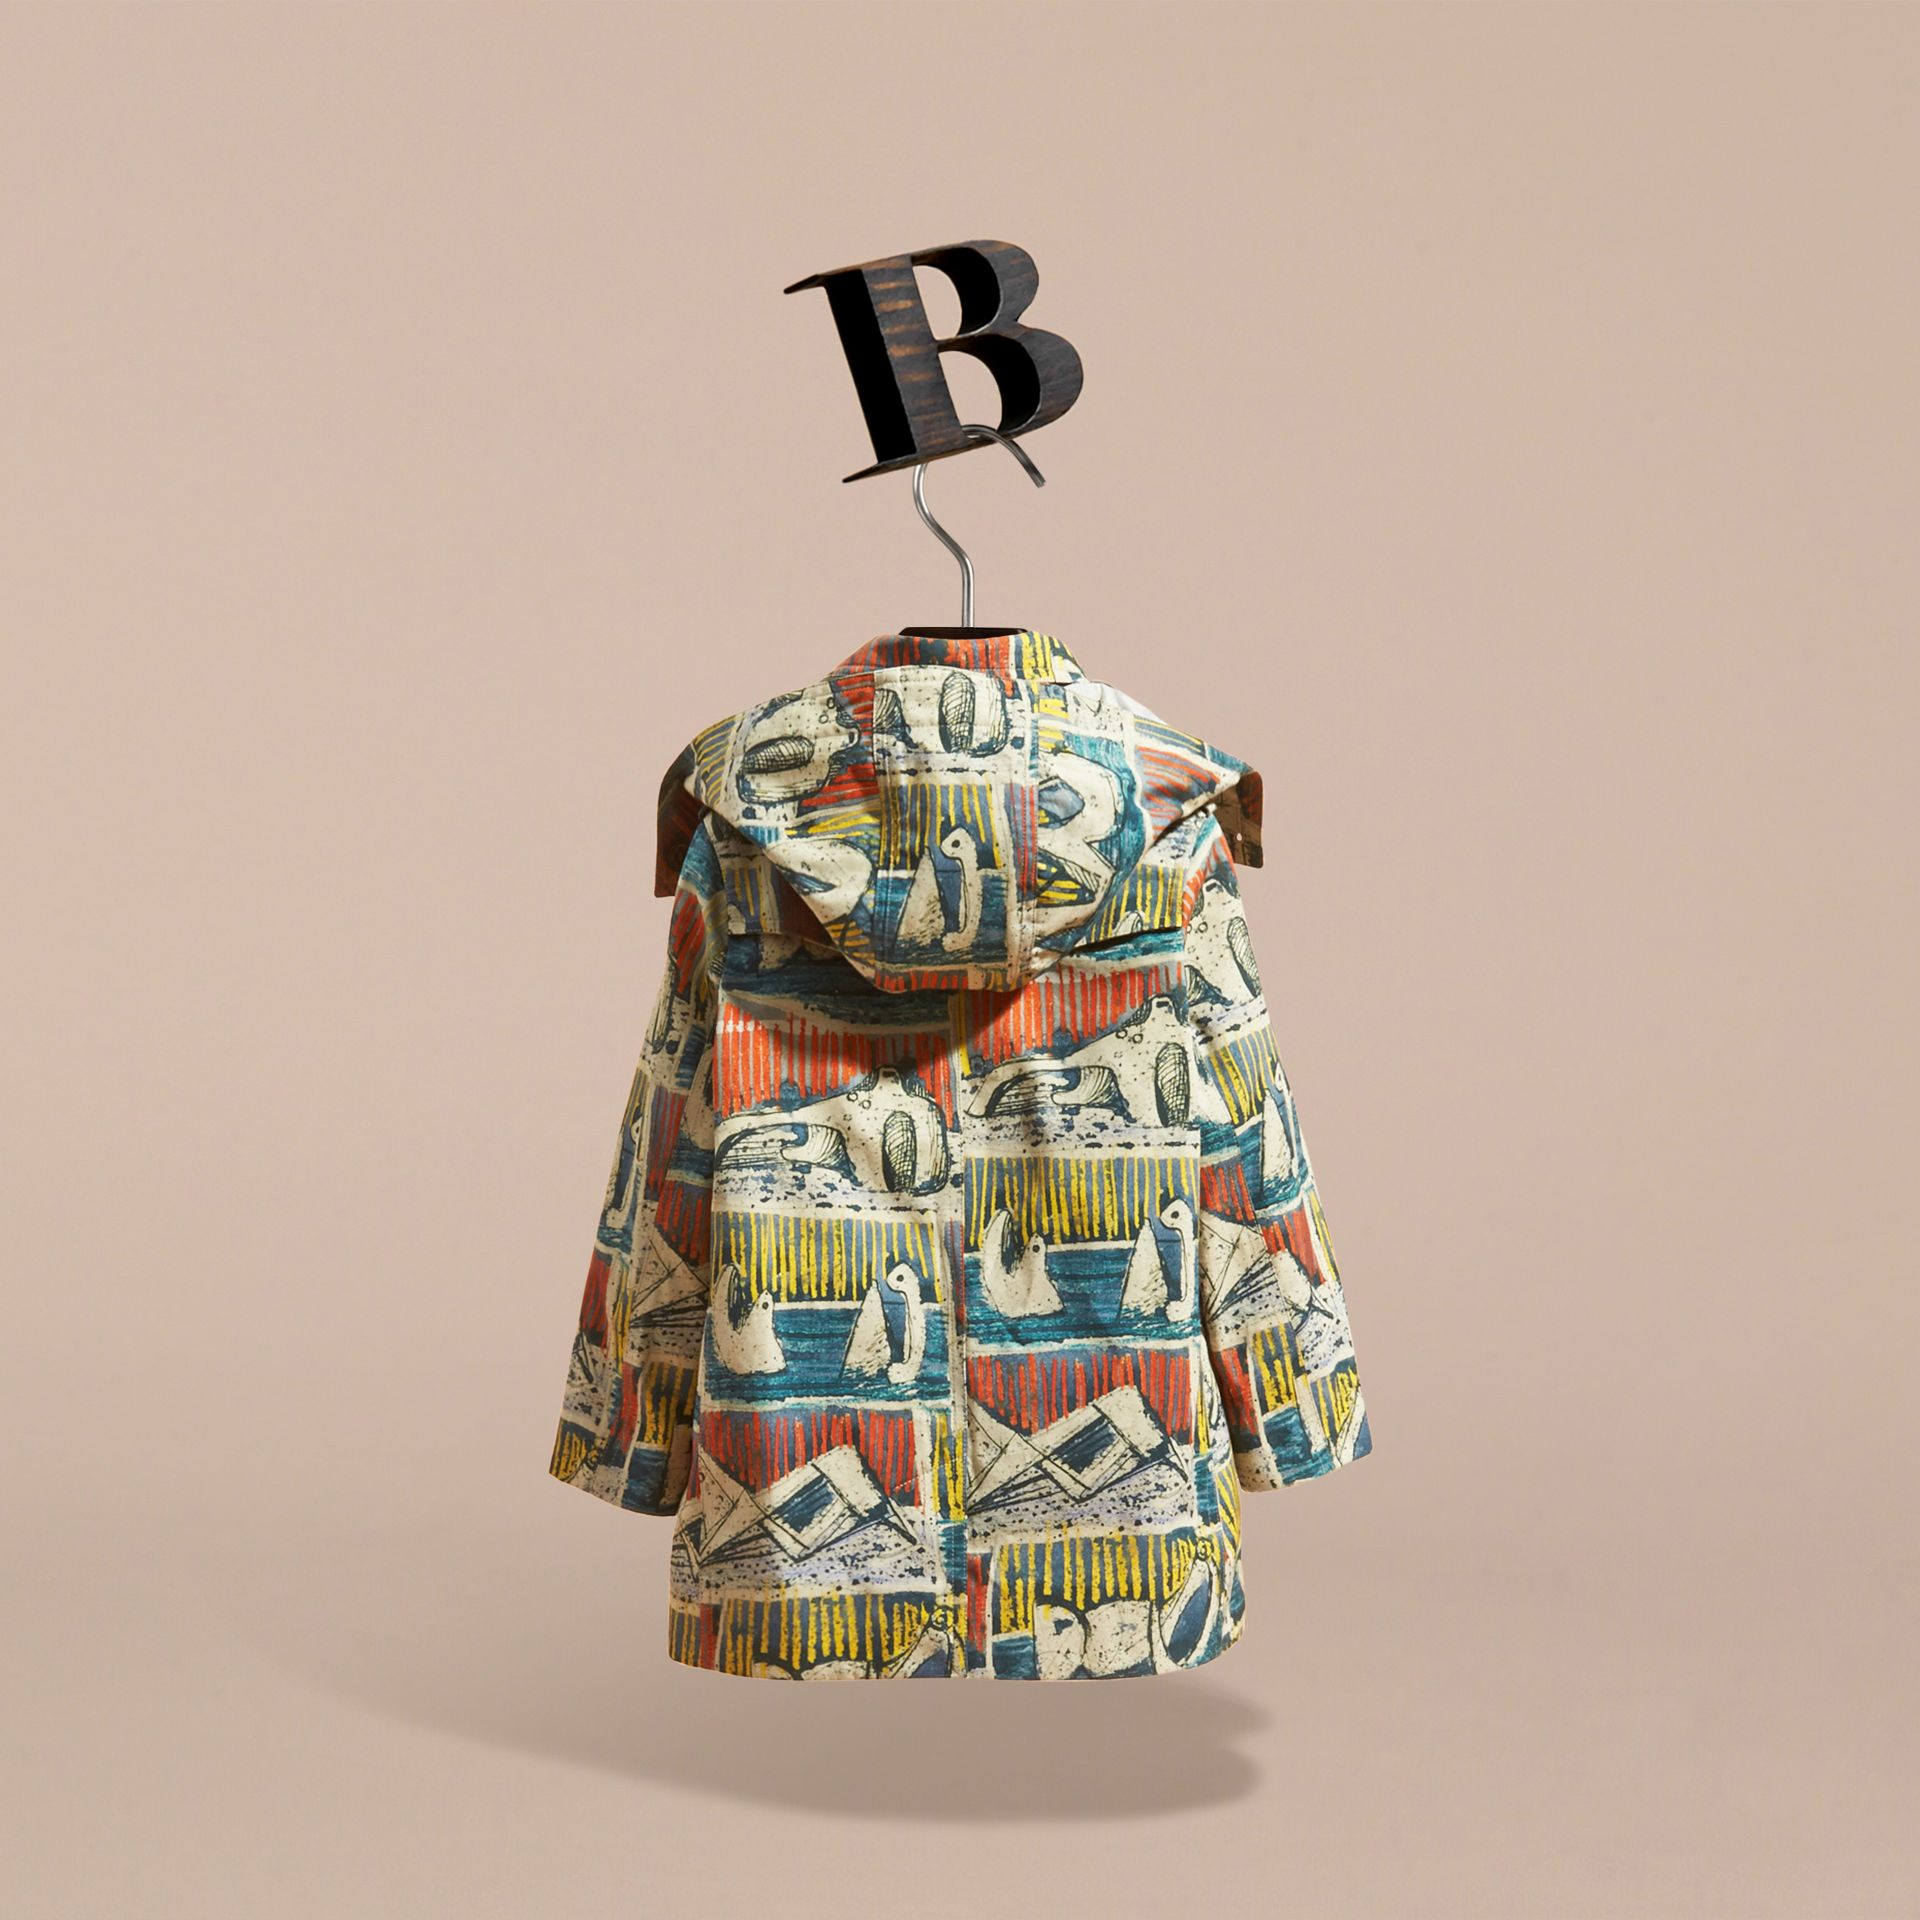 리클라이닝 피겨 프린트 후드 코튼 트렌치코트 (스톤 블루) | Burberry - 갤러리 이미지 5